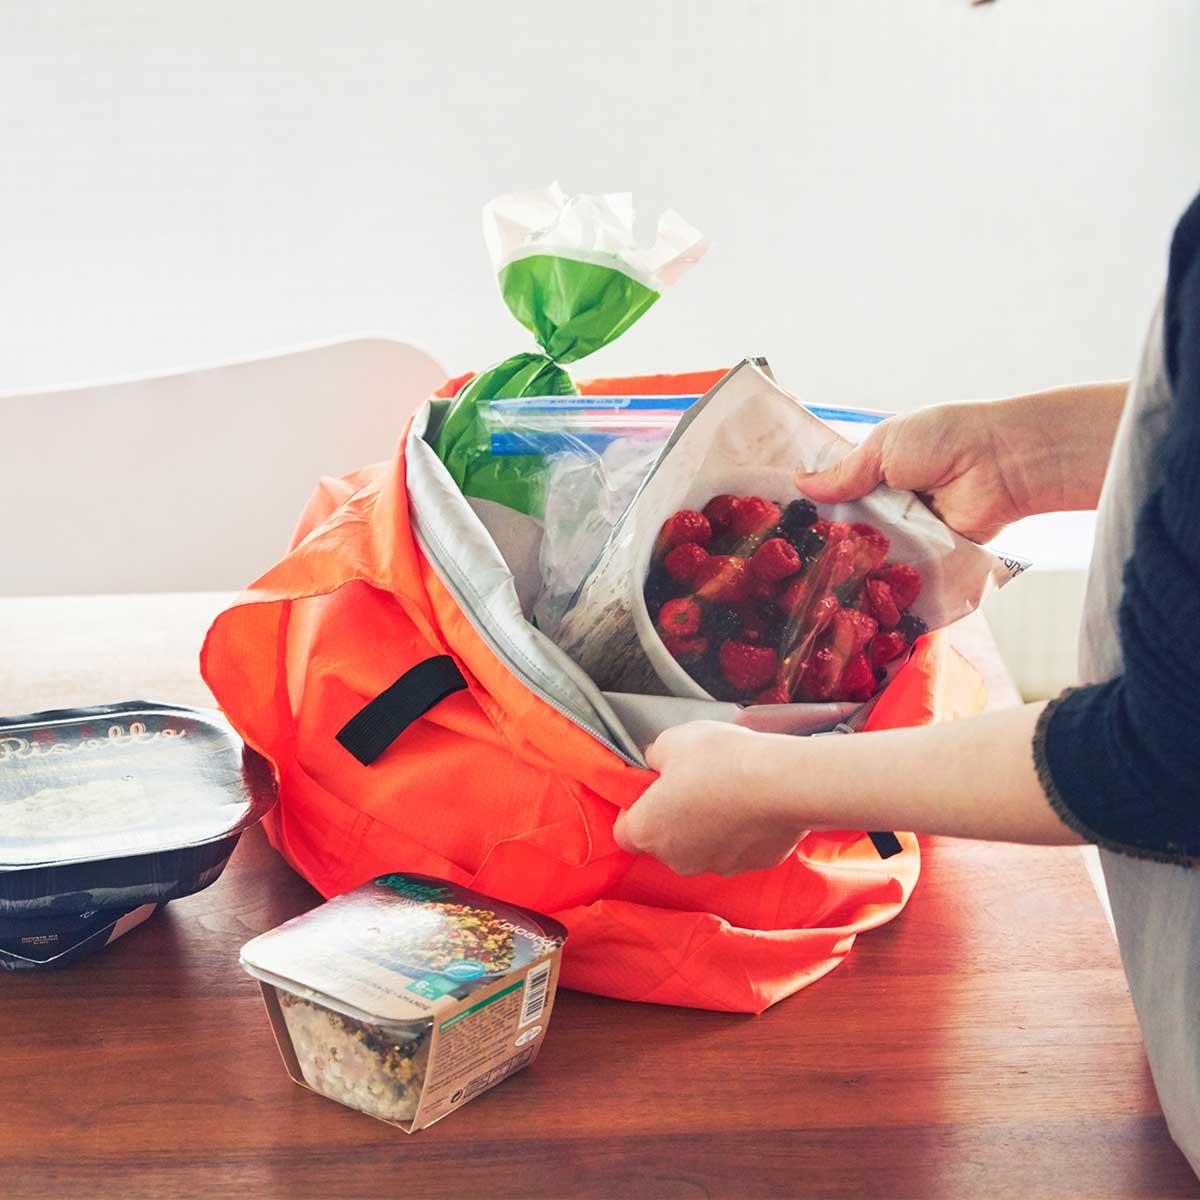 保冷機能も抜群。大容量で軽い。ビールや冷凍肉もおいしさキープ、極薄素材で小さくたためる「保冷バッグ」|KATOKOA(カトコア)